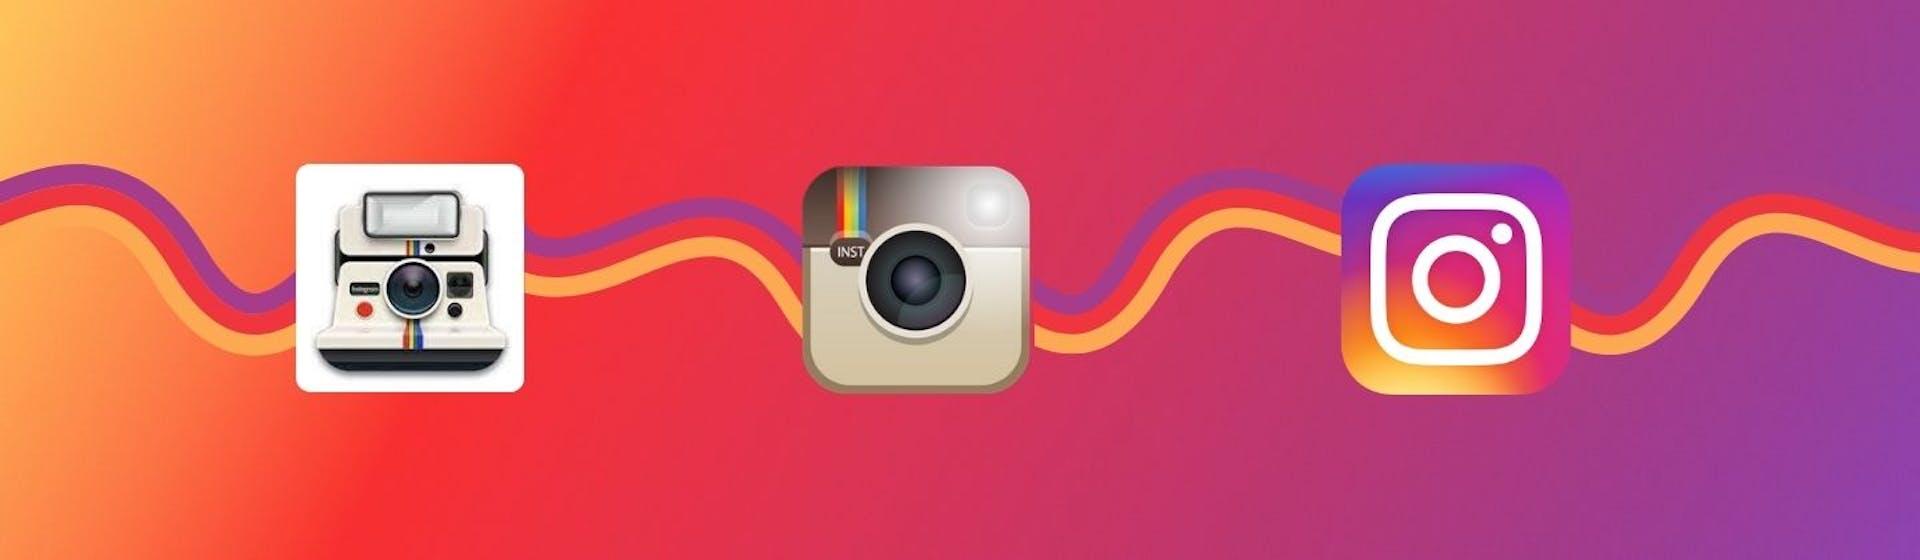 Historia de Instagram: la app que cambió las formas de ver imágenes